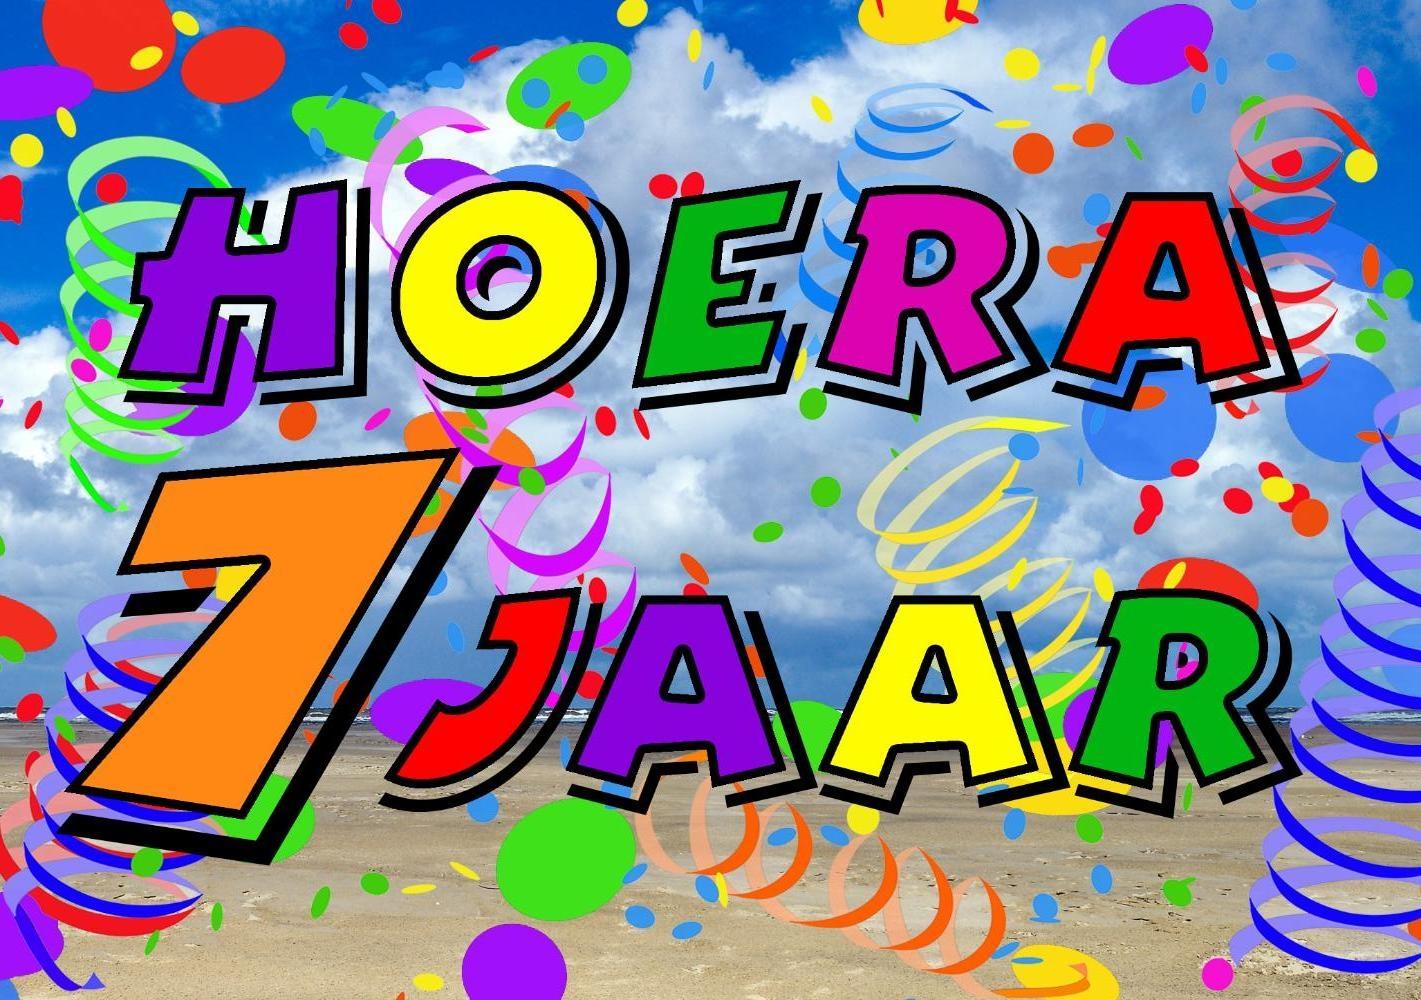 hoera 7 jaar Verjaardagskaart kind: Hoera 7 jaar!   Kaartjeposten.nl hoera 7 jaar